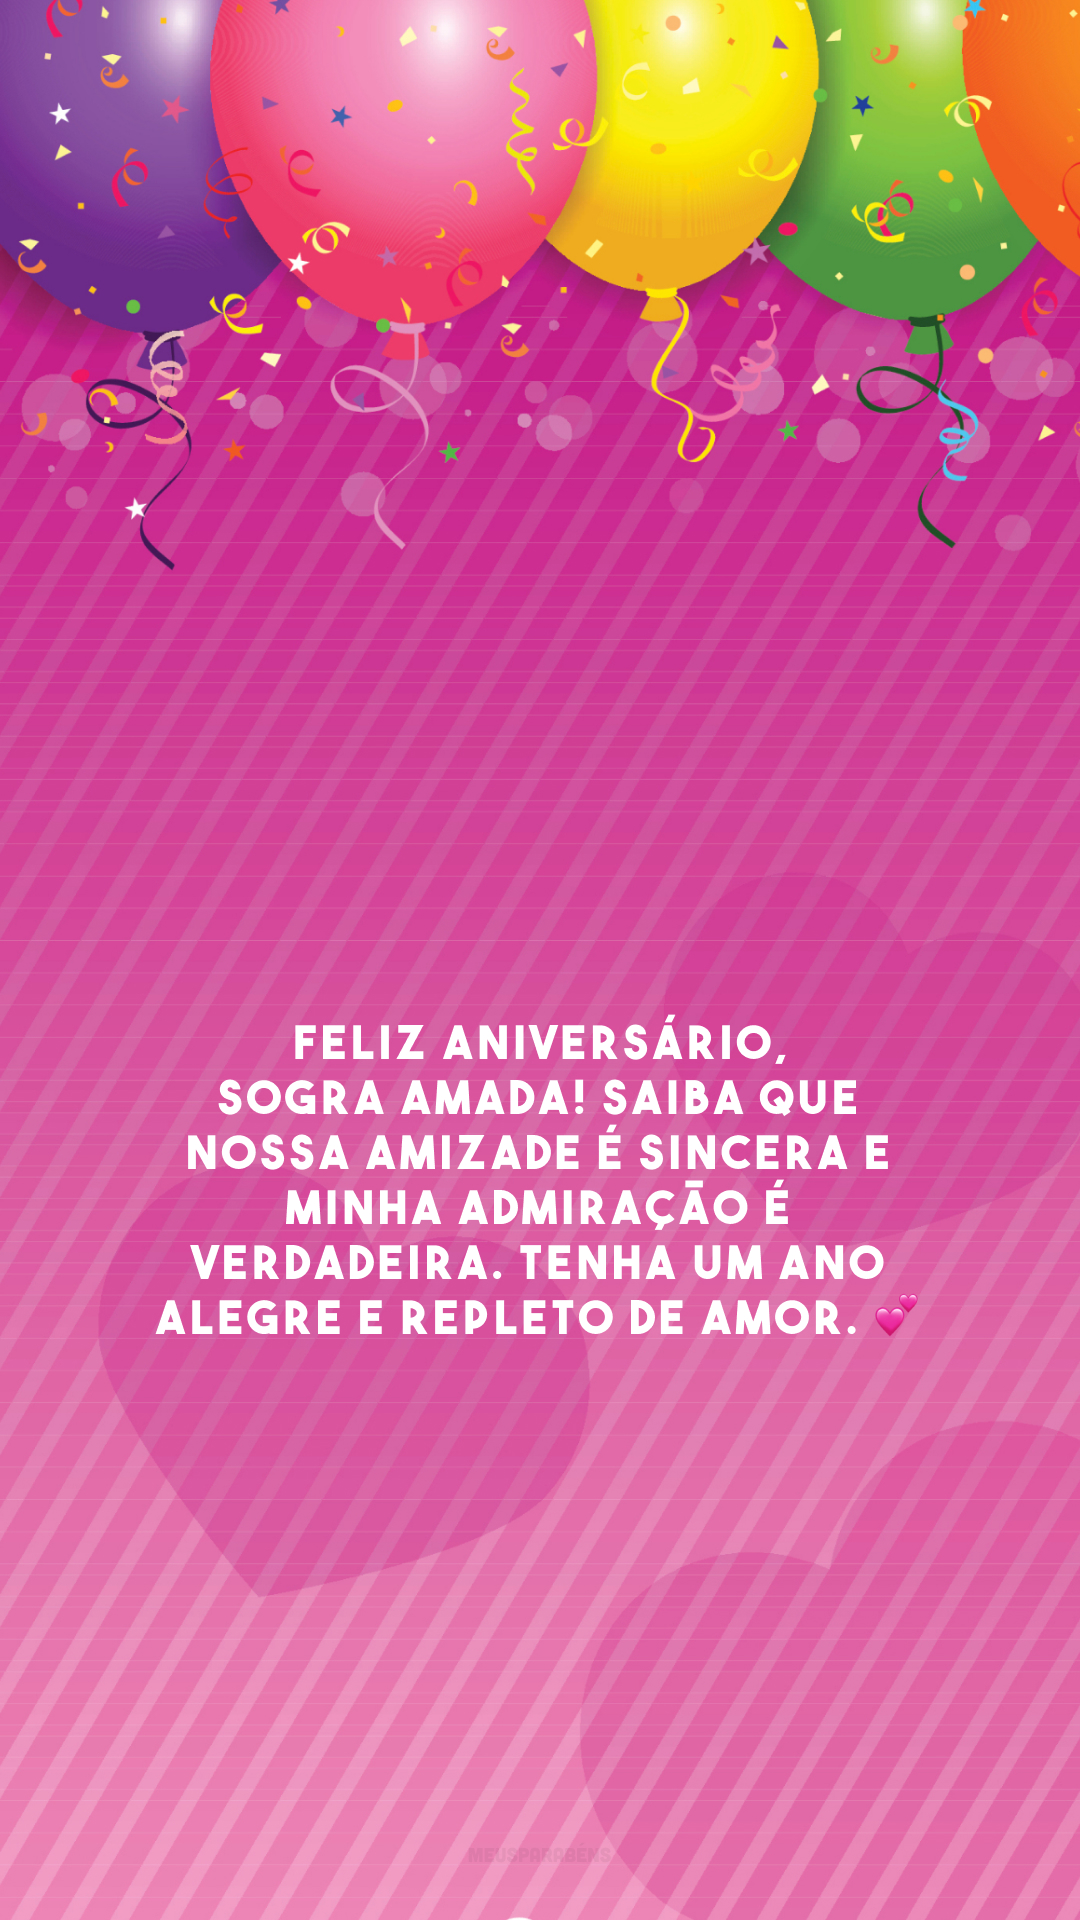 Feliz aniversário, sogra amada! Saiba que nossa amizade é sincera e minha admiração é verdadeira. Tenha um ano alegre e repleto de amor. 💕